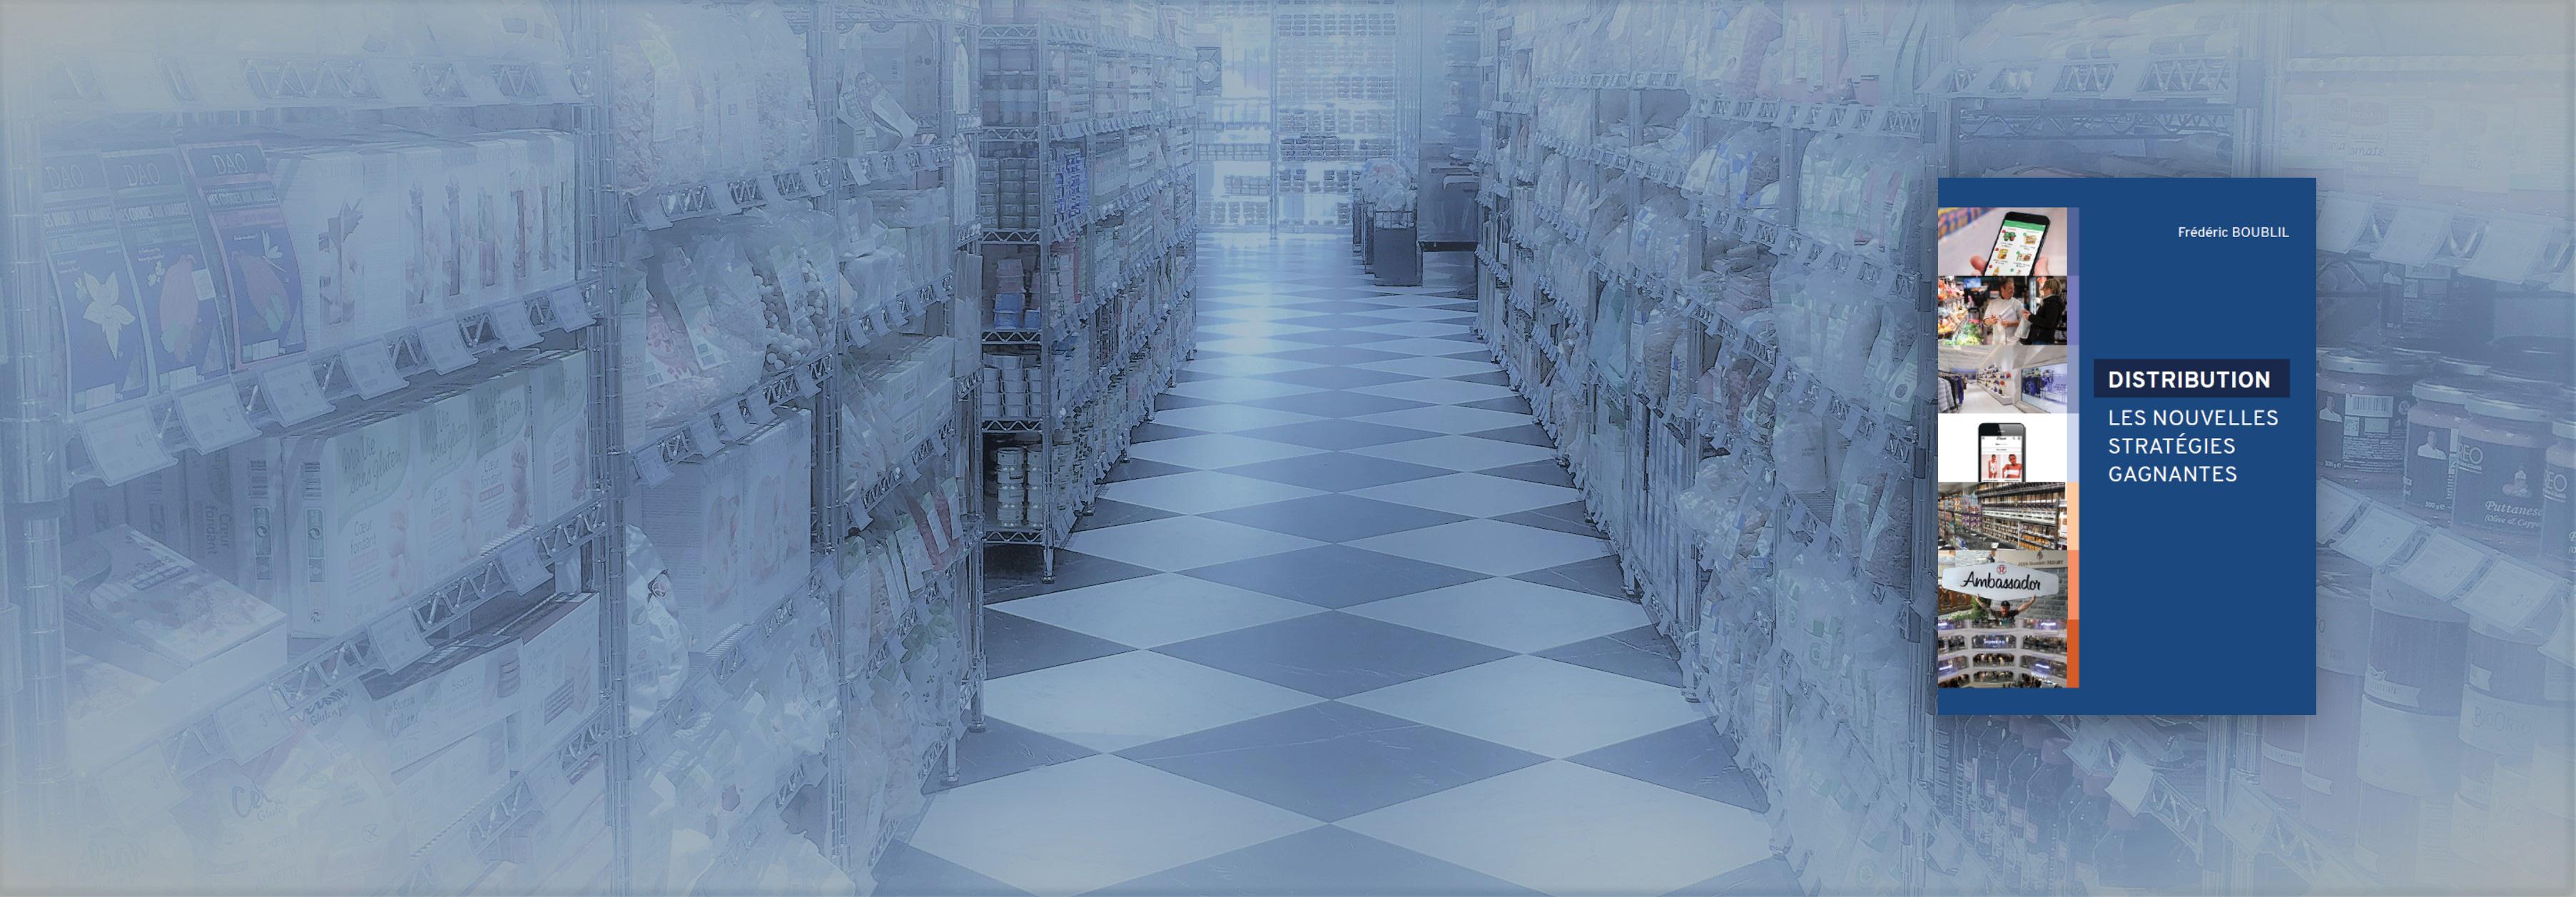 L'ouvrage de référence du Retail Post-Covid bientôt disponible !